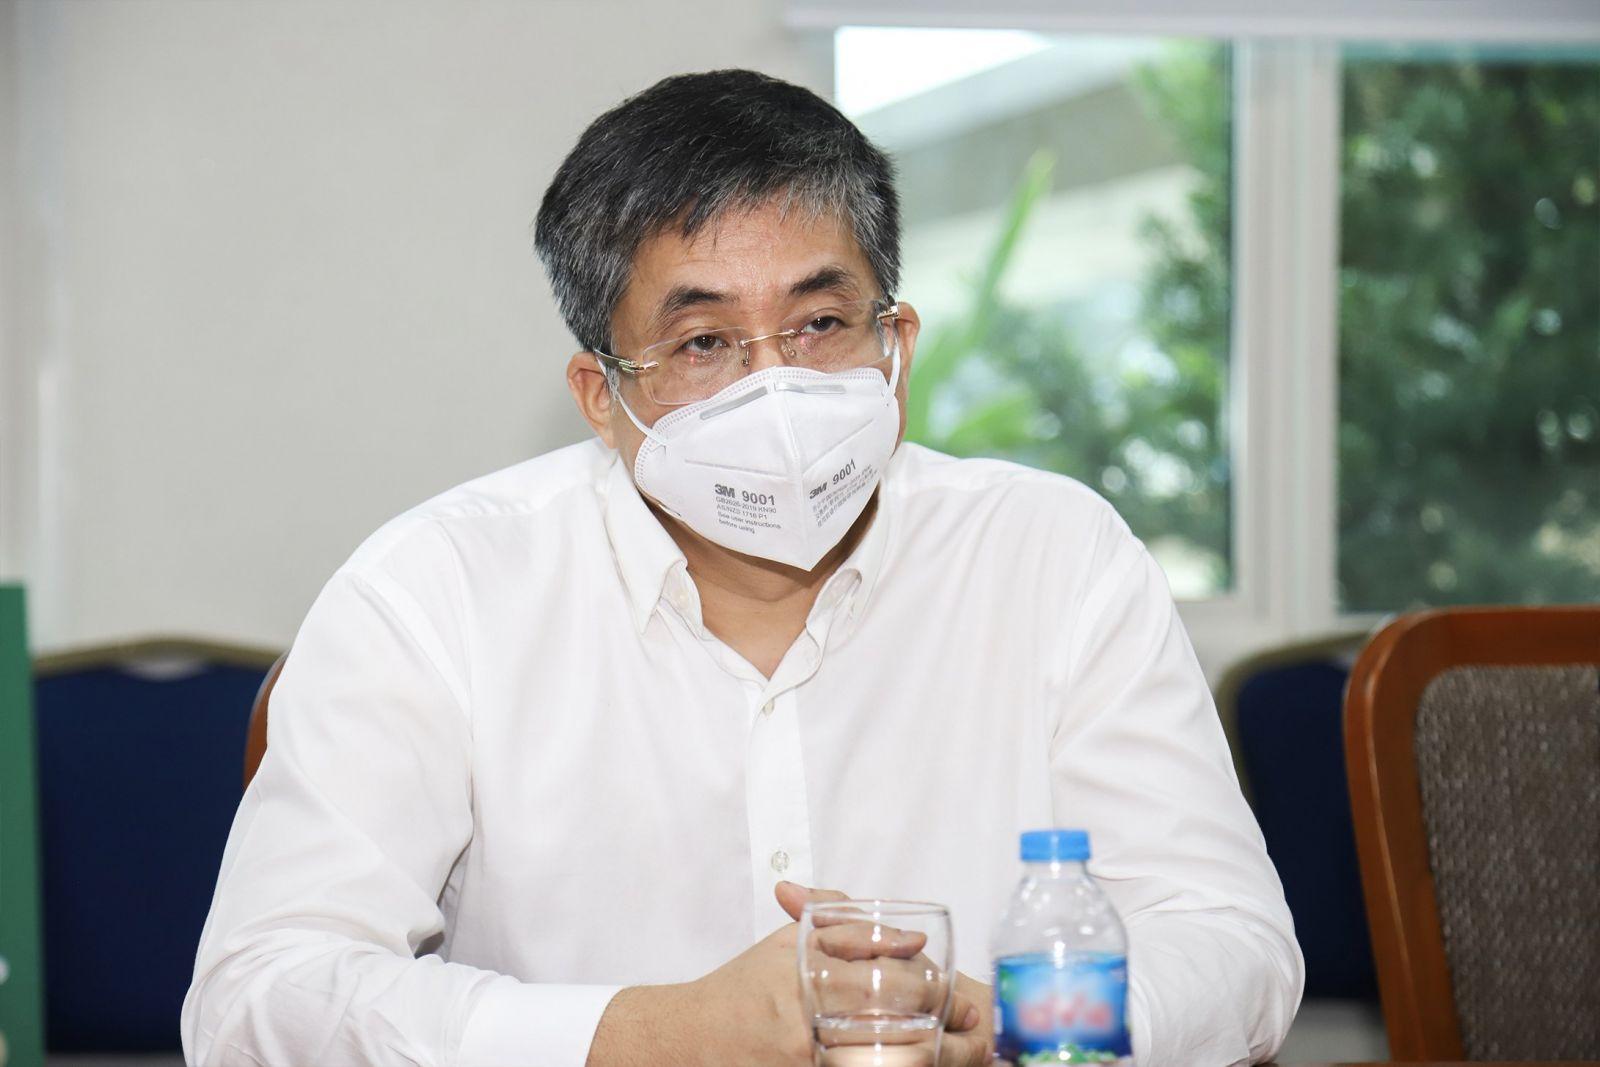 PGS. TS. BS Nguyễn Hoàng Bắc – Giám đốc BV ĐHYD TP.HCM chia sẻ sự cảm động và niềm vinh dự trước sự hỗ trợ trang thiết bị y tế của Phuc Khang Corporation